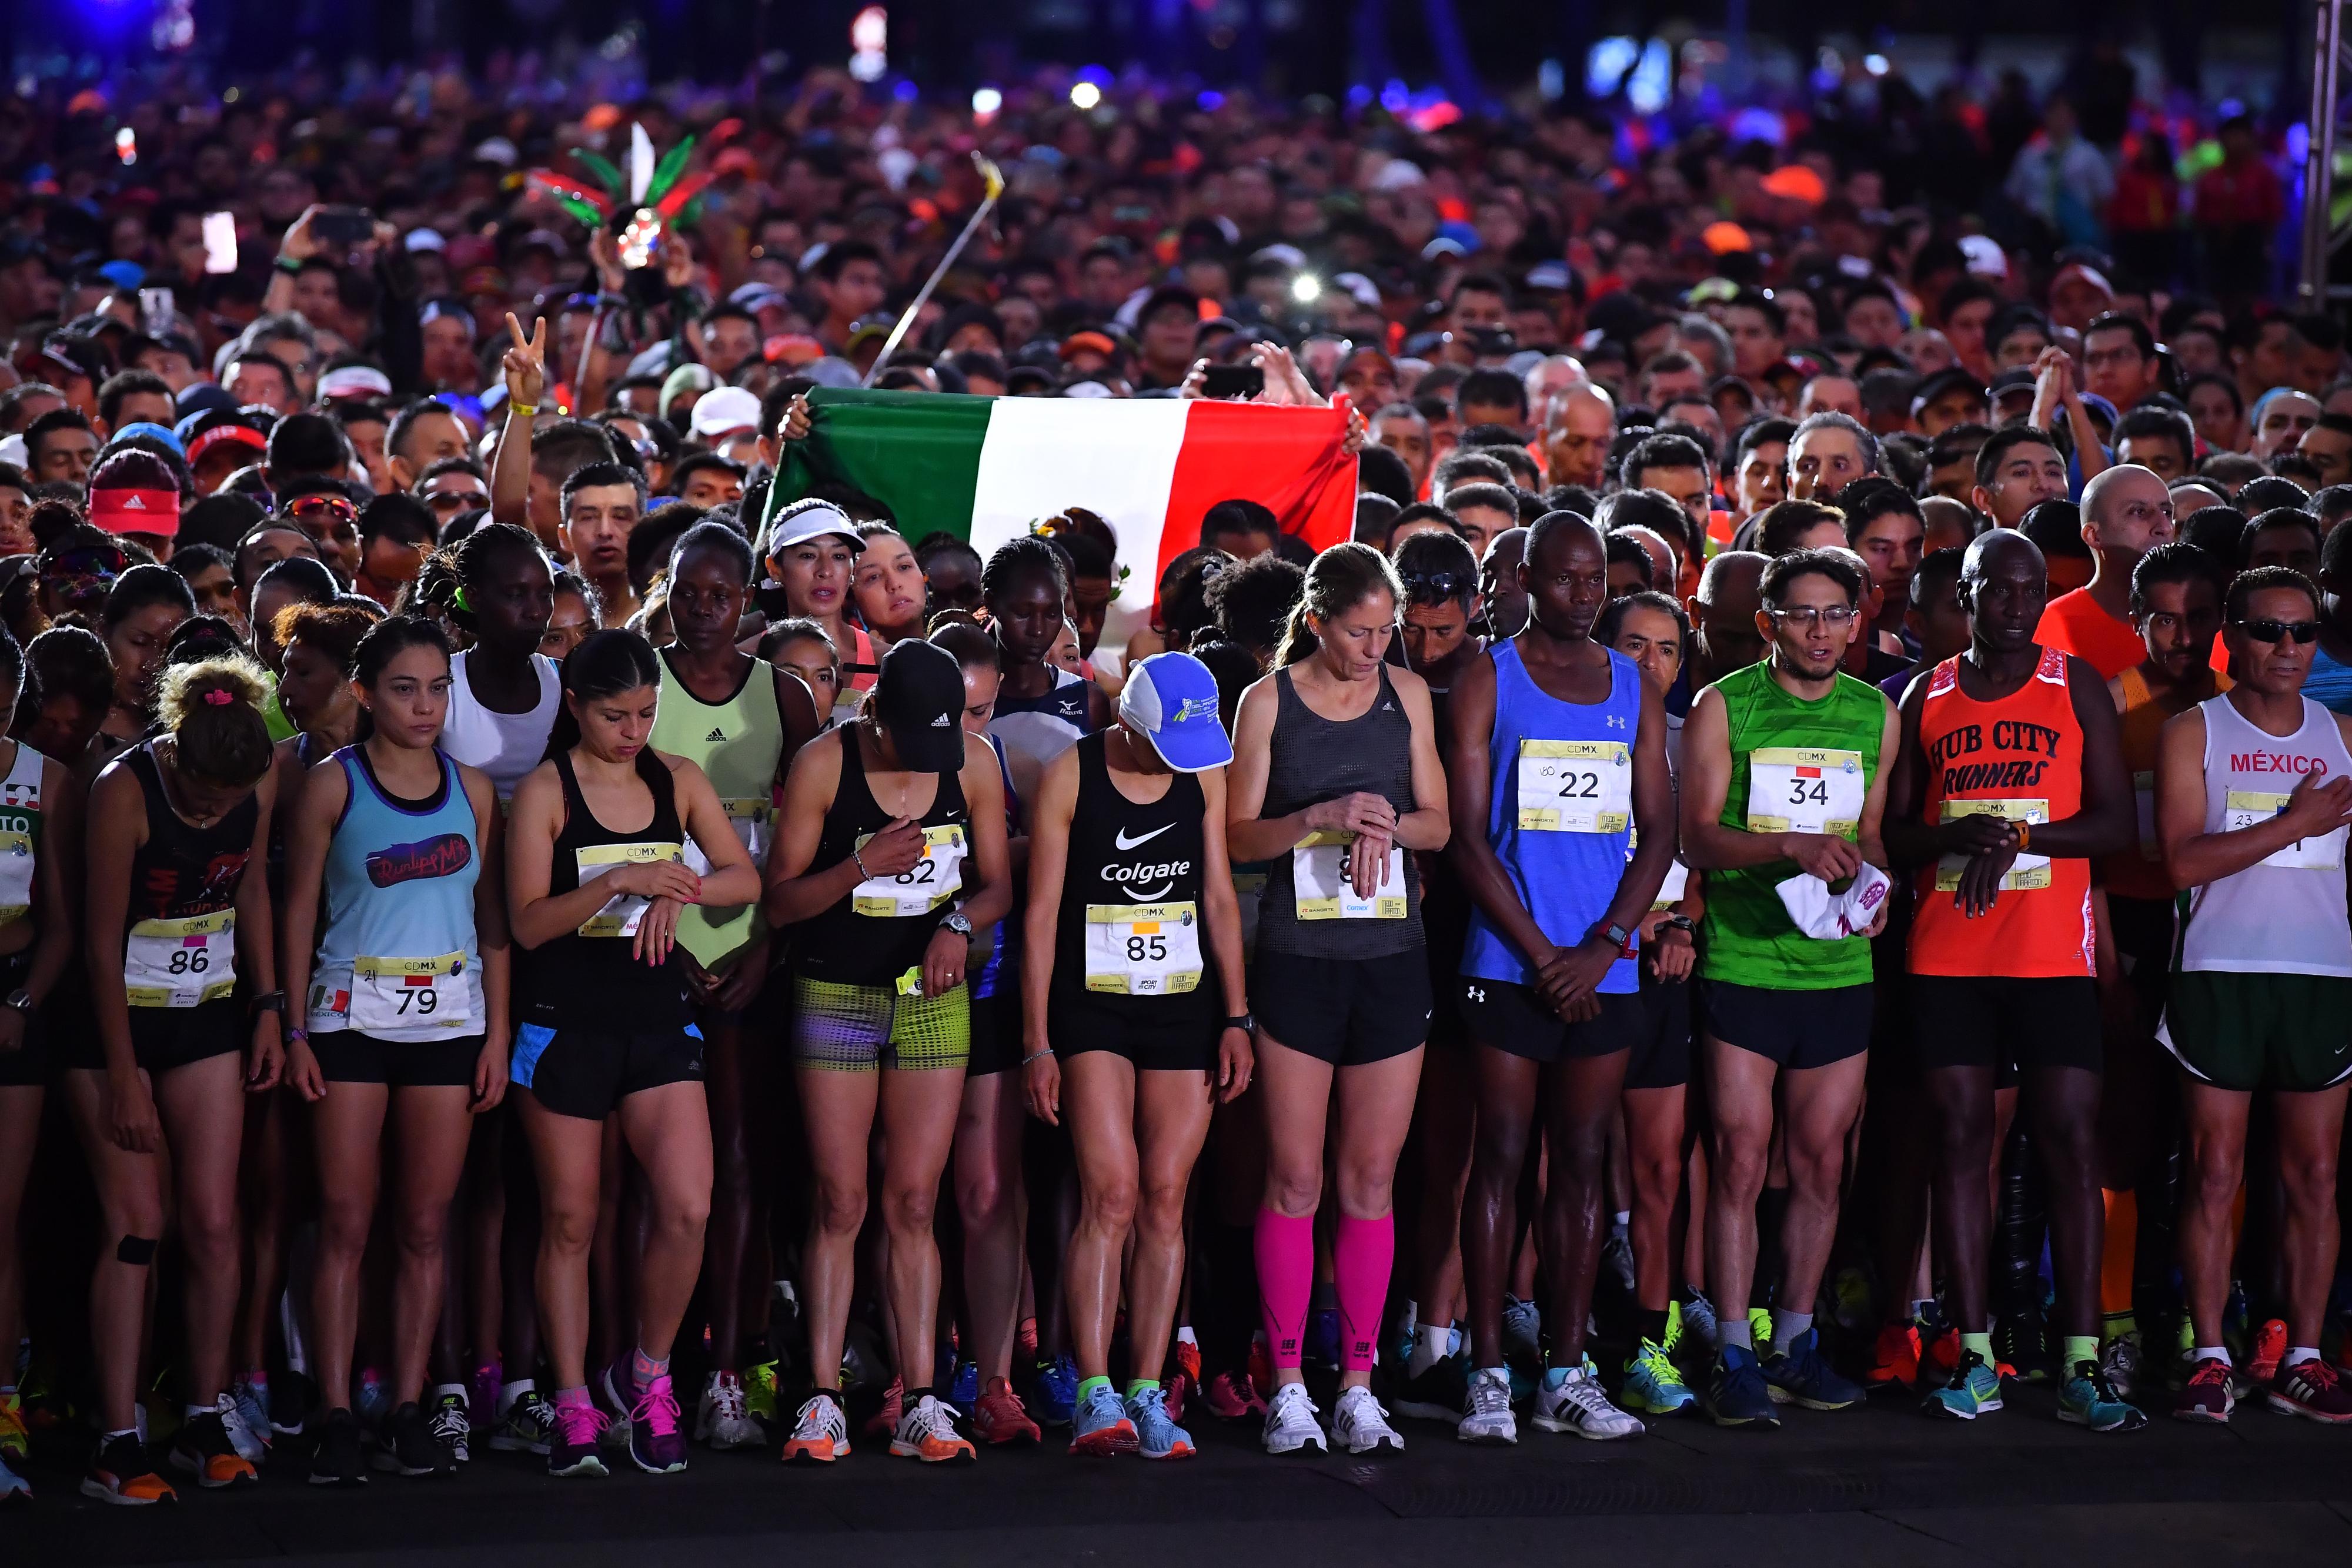 Media Maratón de la CIudad de México 2018